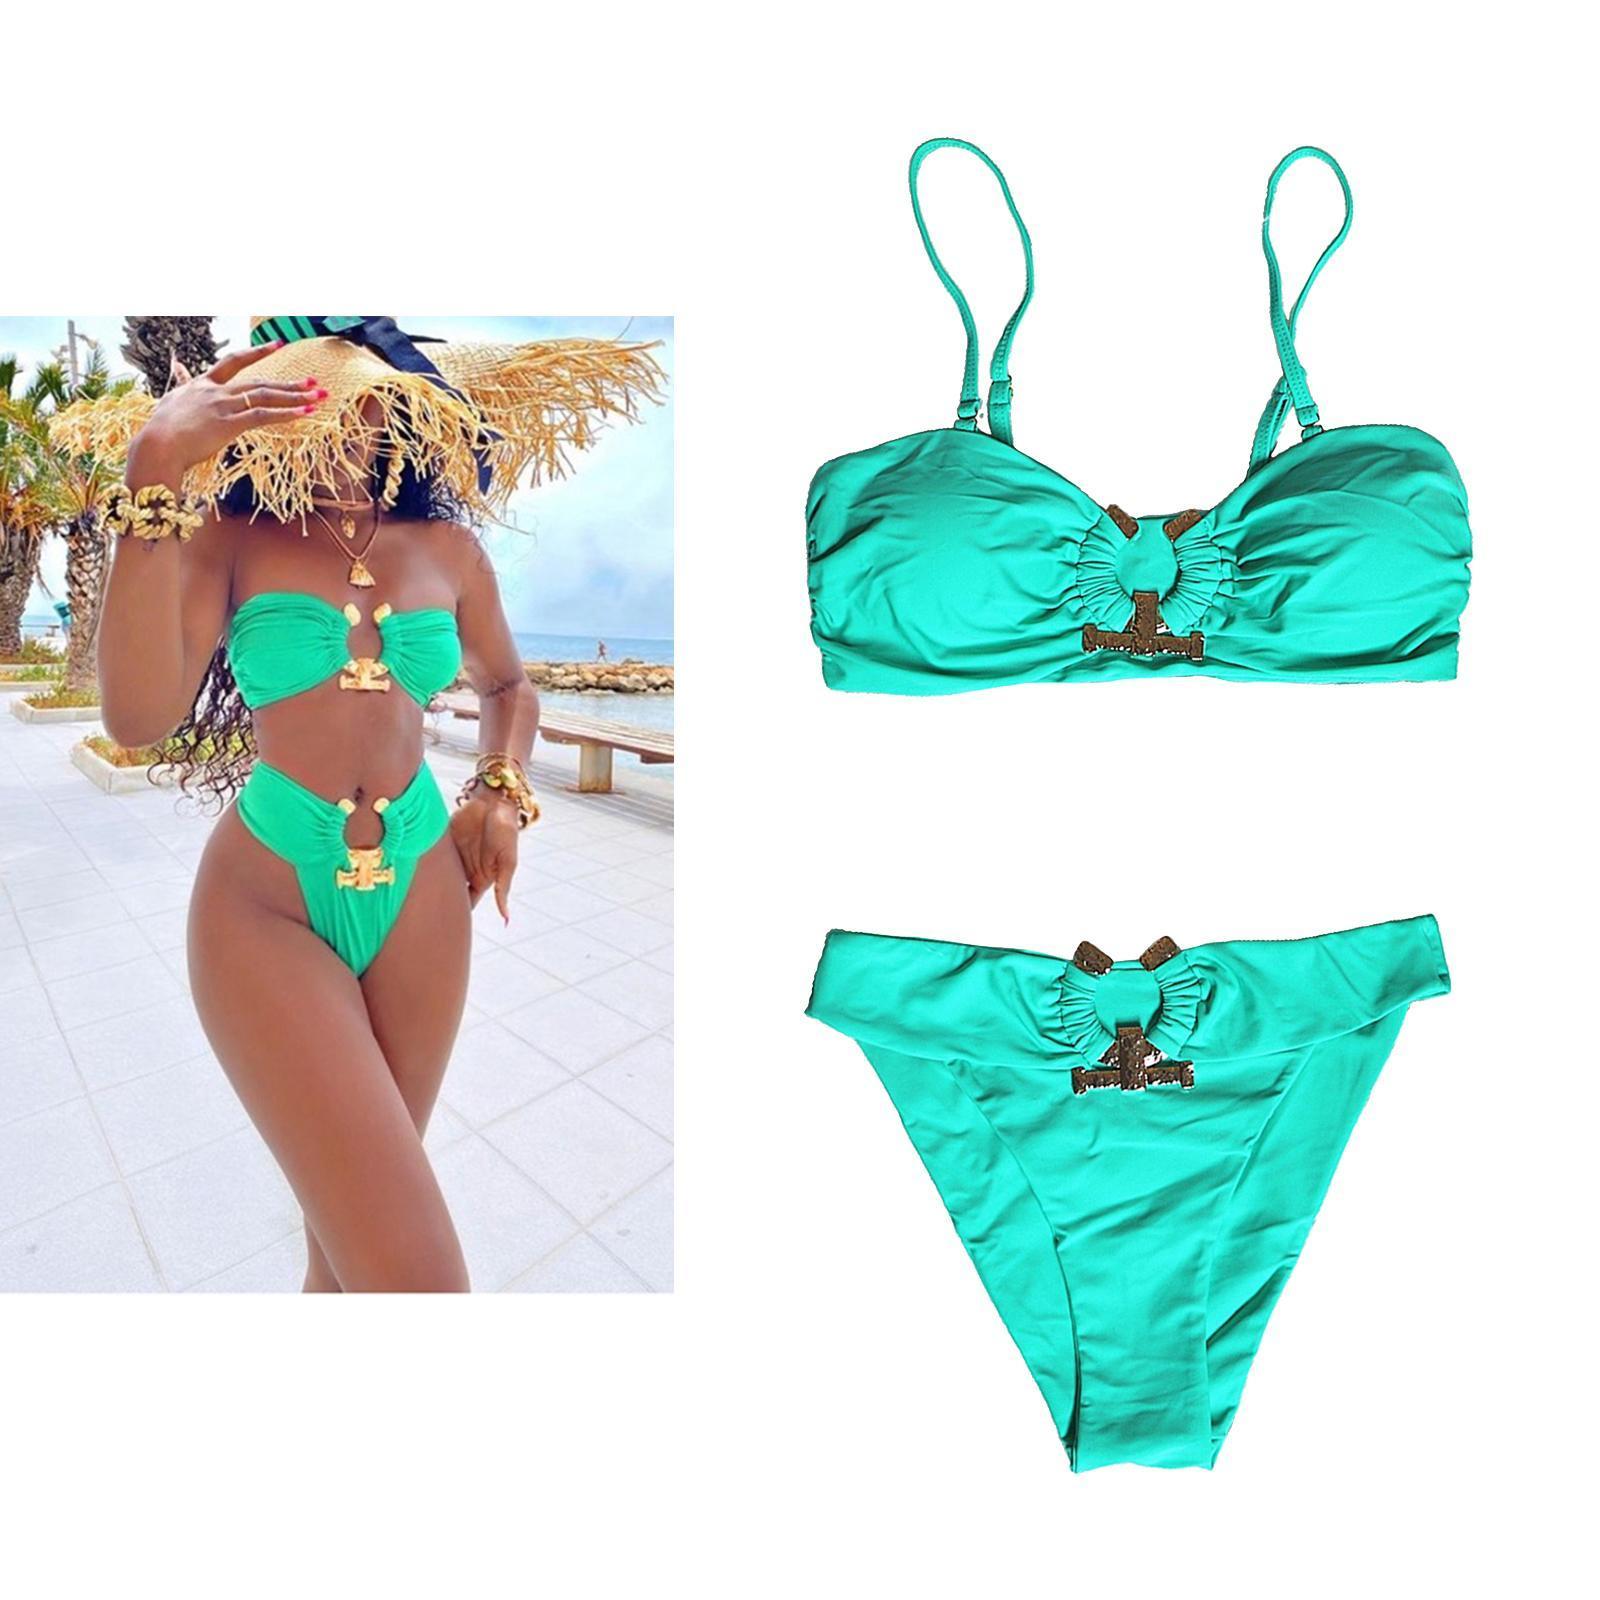 Indexbild 121 - Zwei Stücke Bikini Set Strappy Bademode Party Badeanzug Tankini Bademode